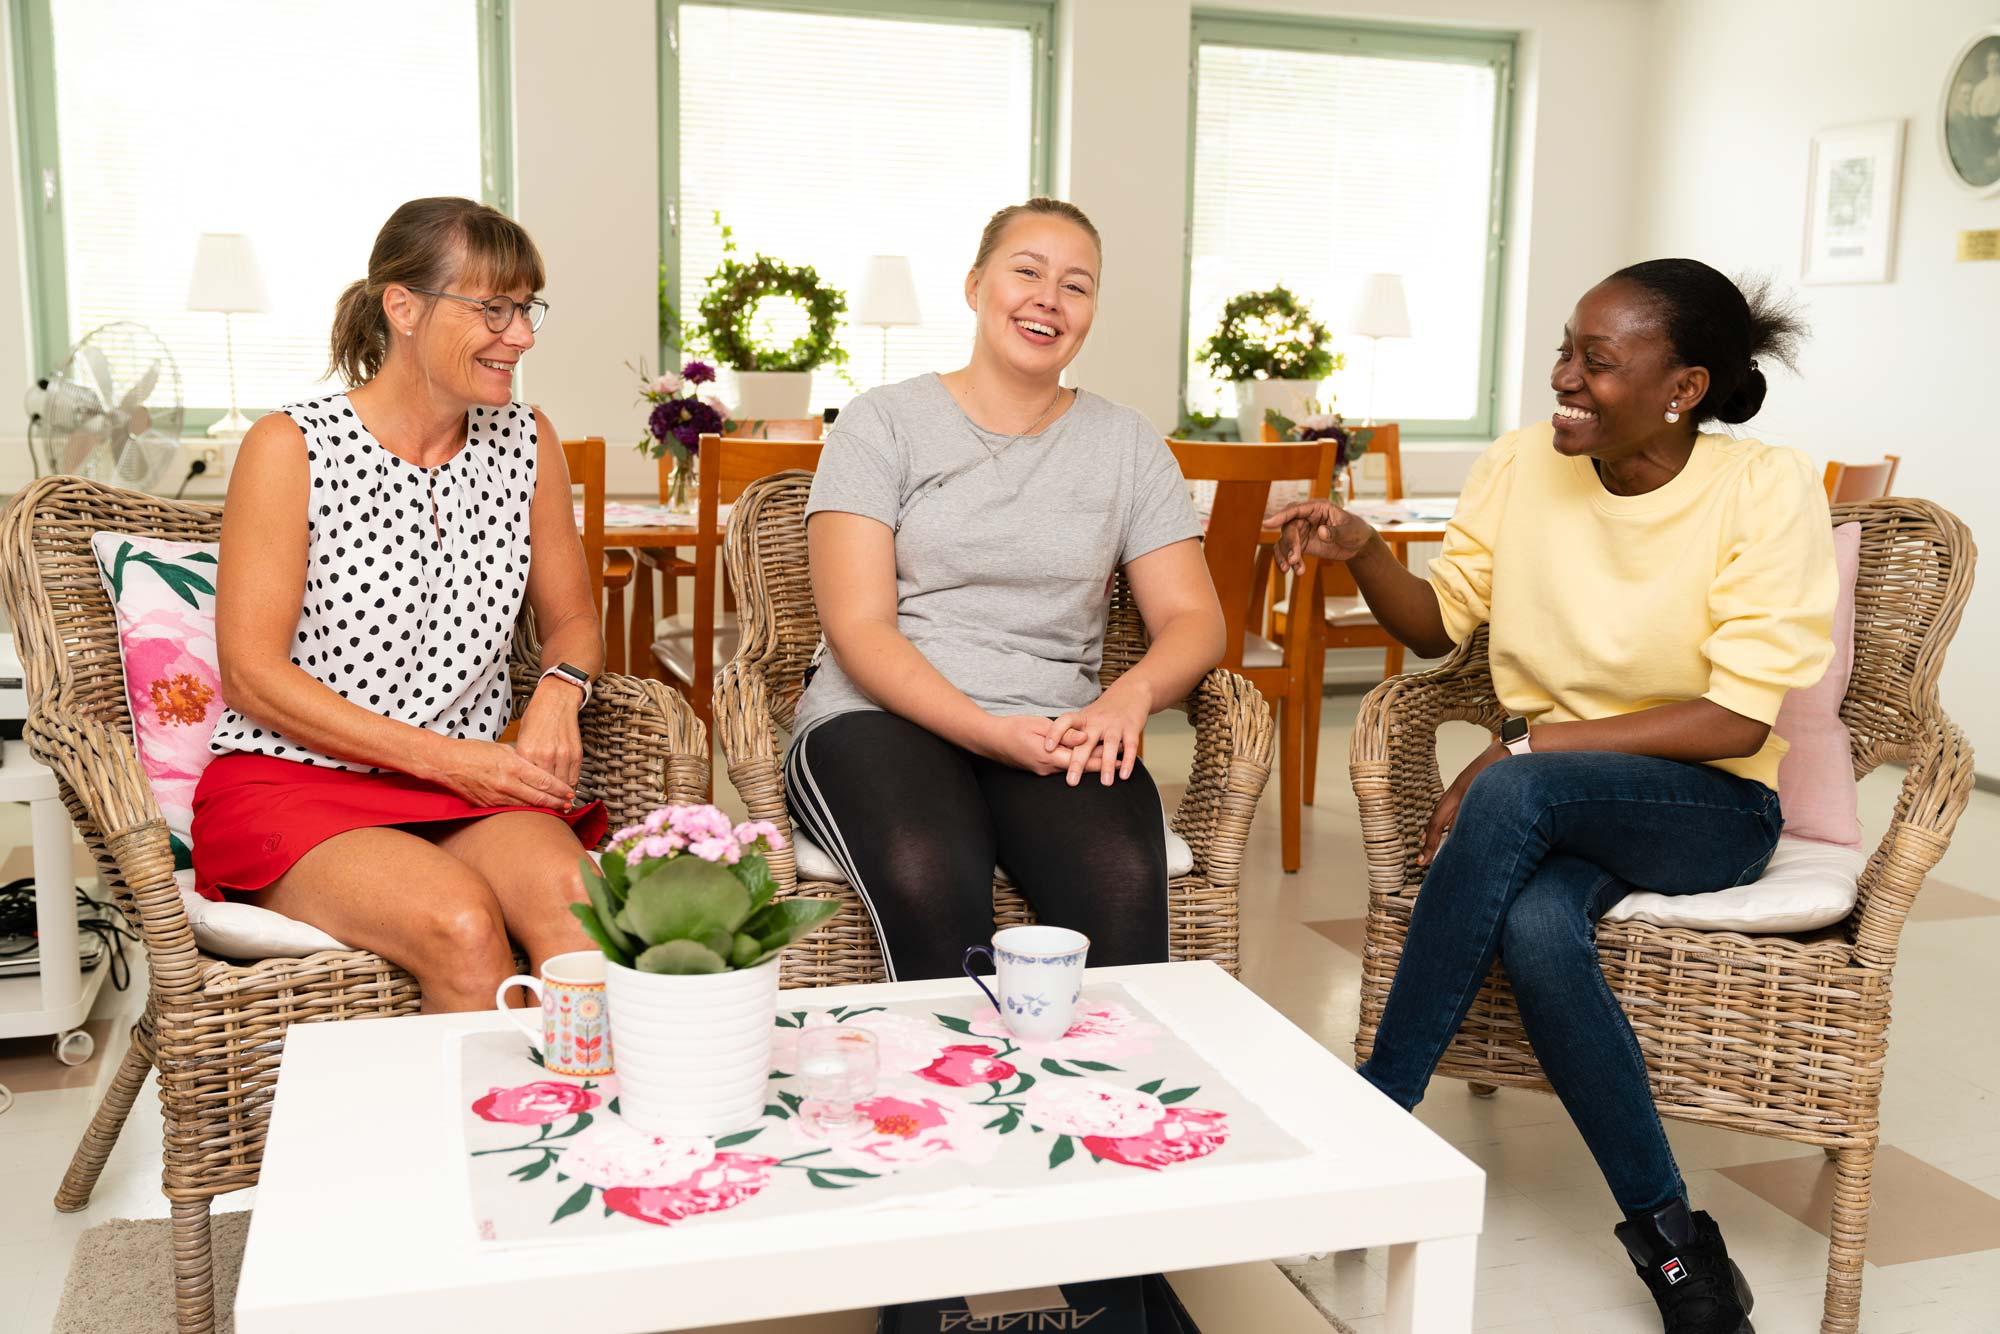 Dosdispensering istället för pillerutdelning ger tid för invånarna på seniorhemmet